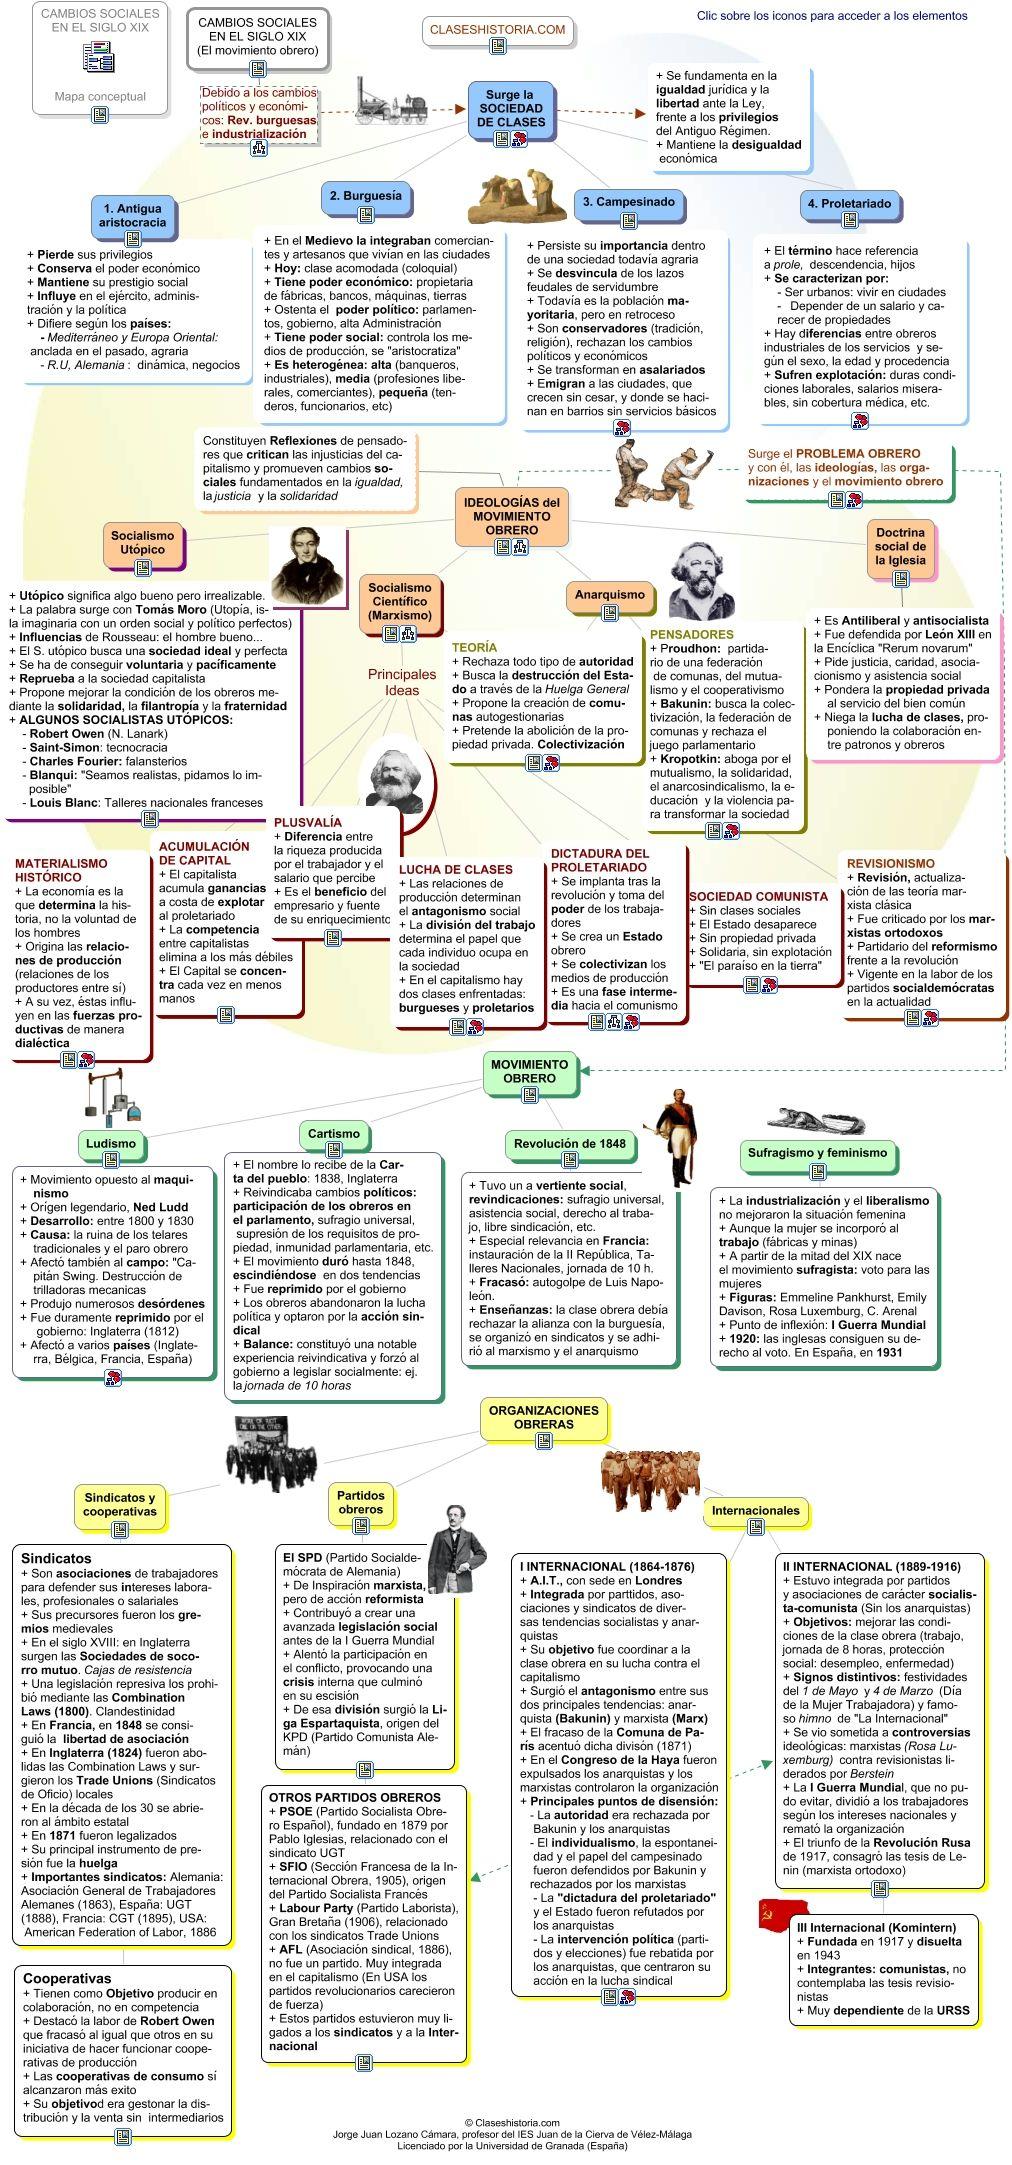 50 Mejores Imagenes De Filosofia Filosofia Filosofia Occidental Filosofia Historia